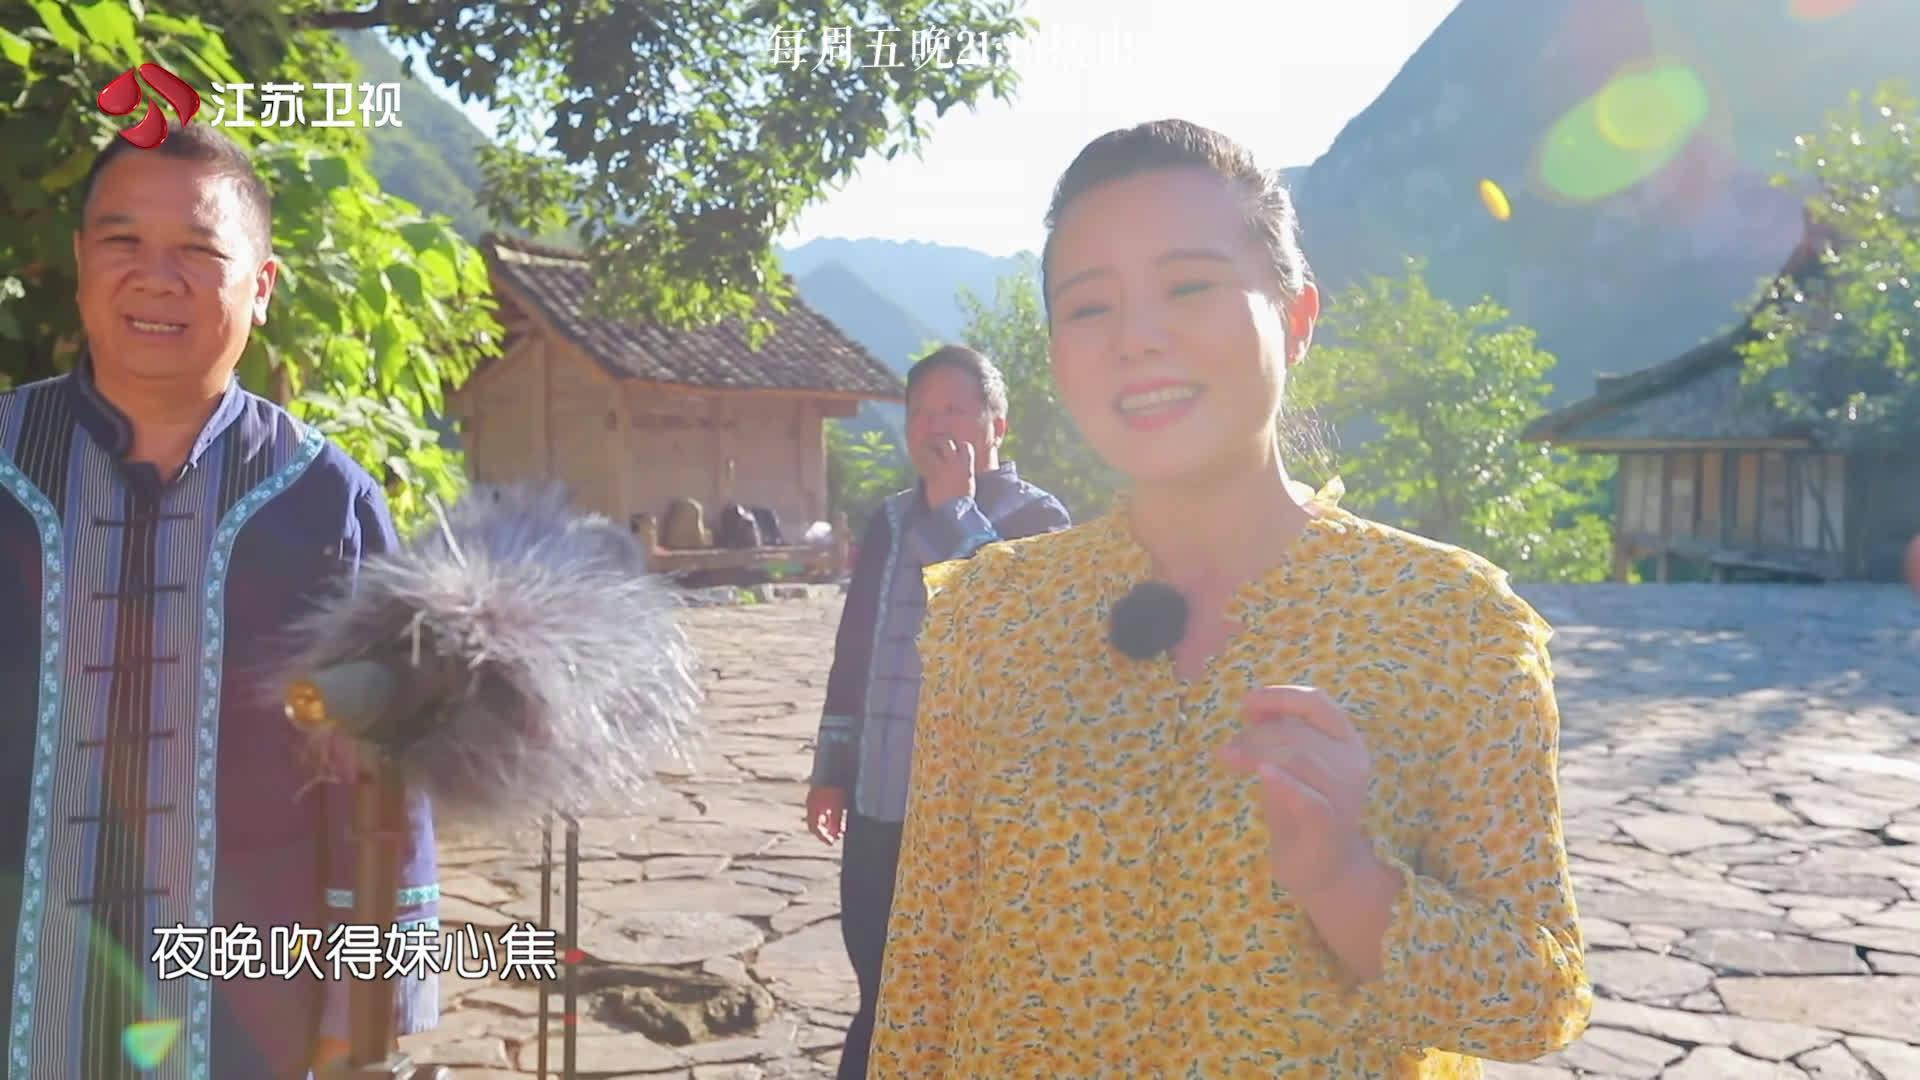 田野边,自然里,@龚琳娜 和布依族的村民们共同唱起地道盘歌……